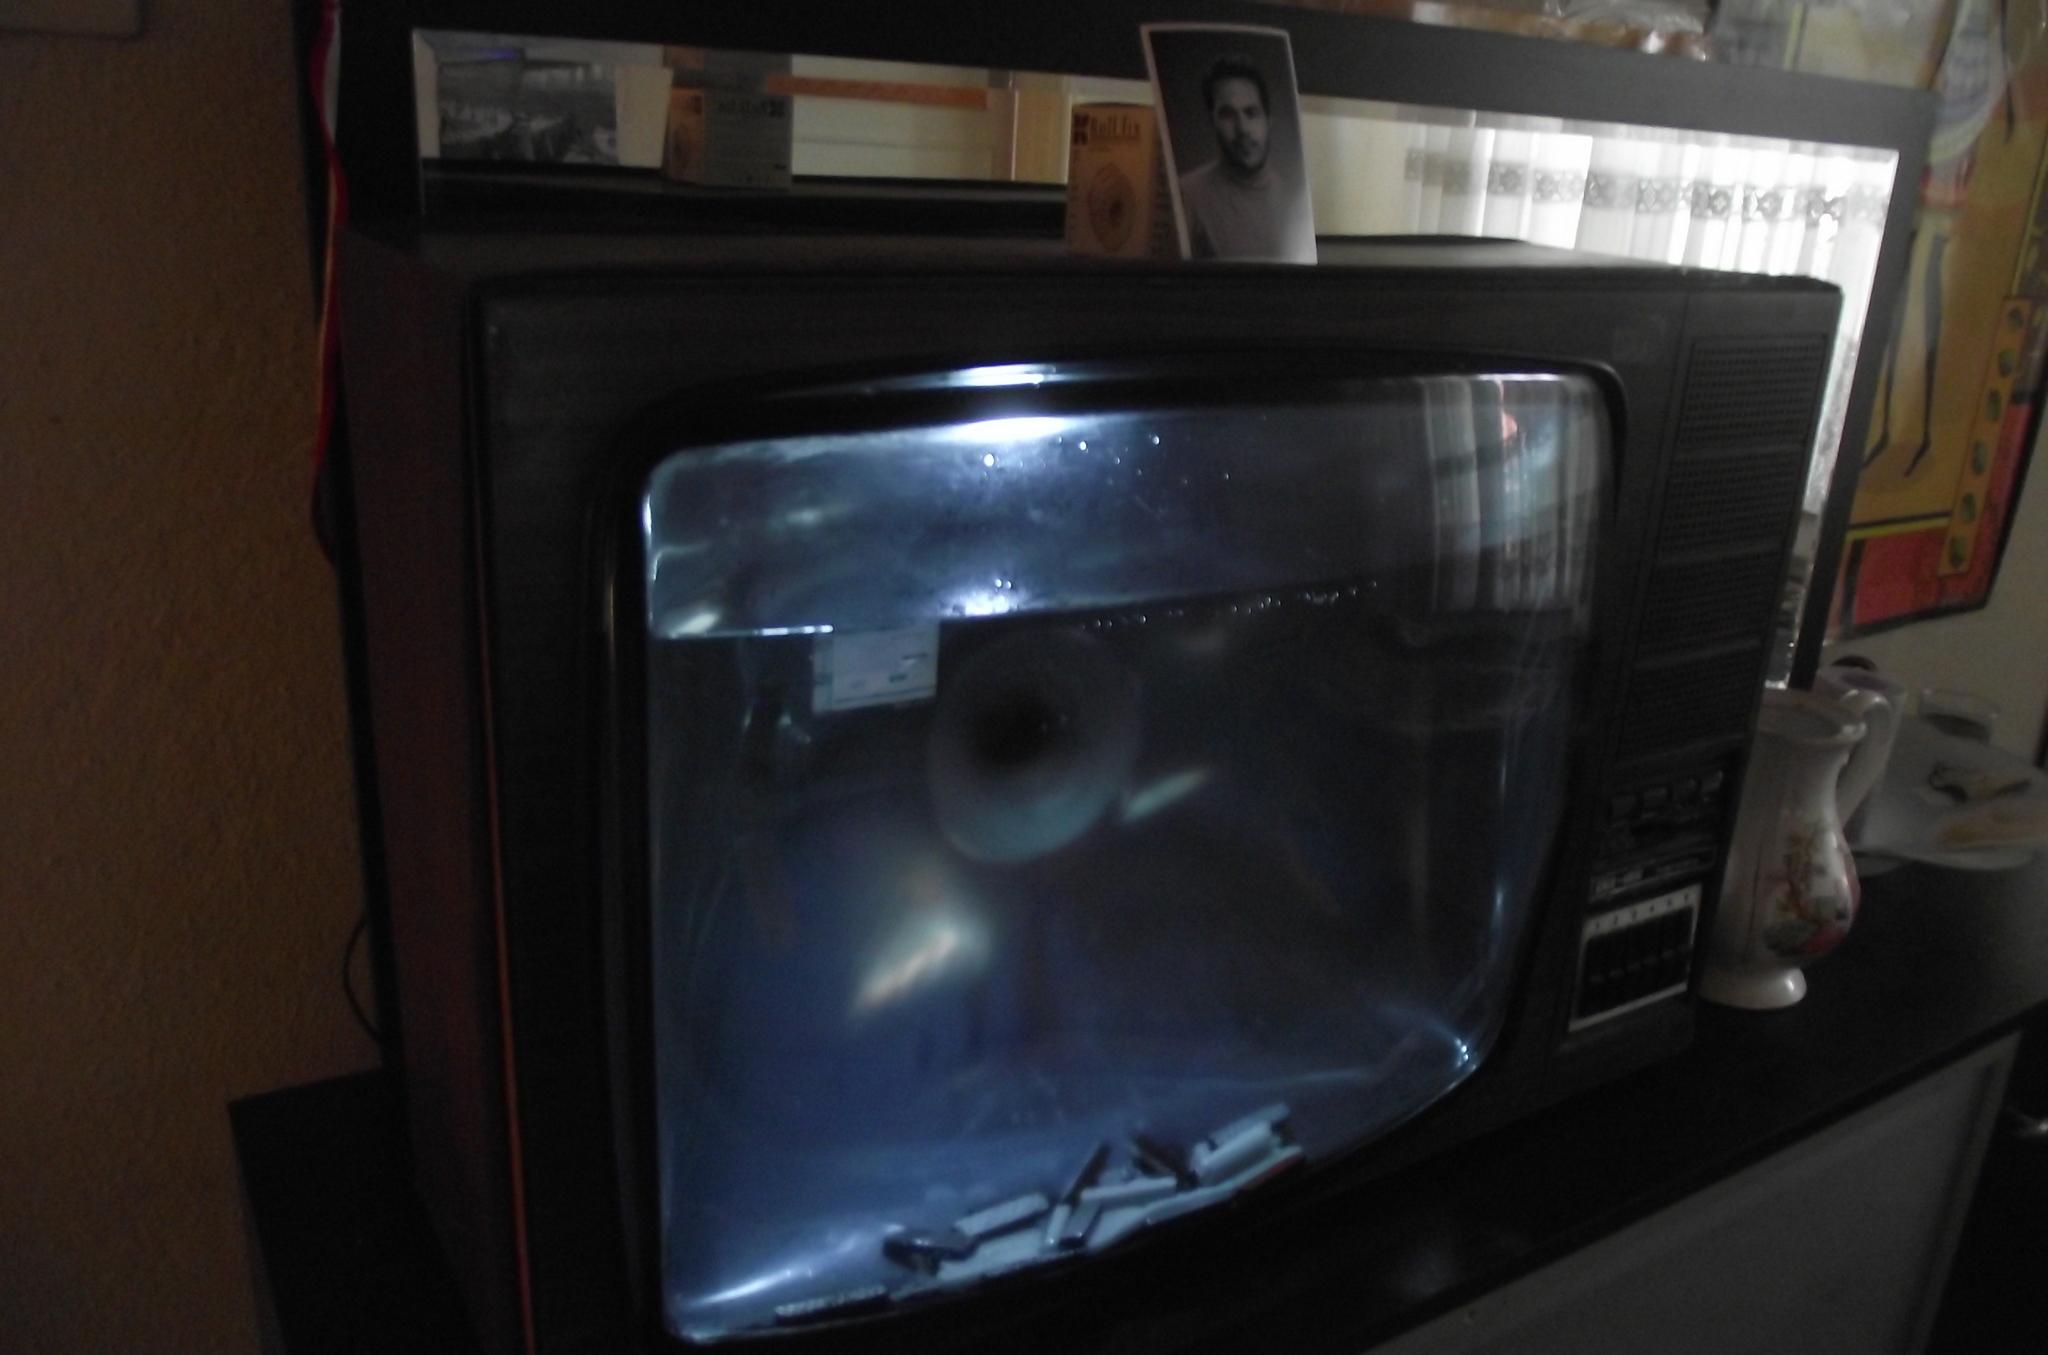 VyD0gR - TV'den akvaryum